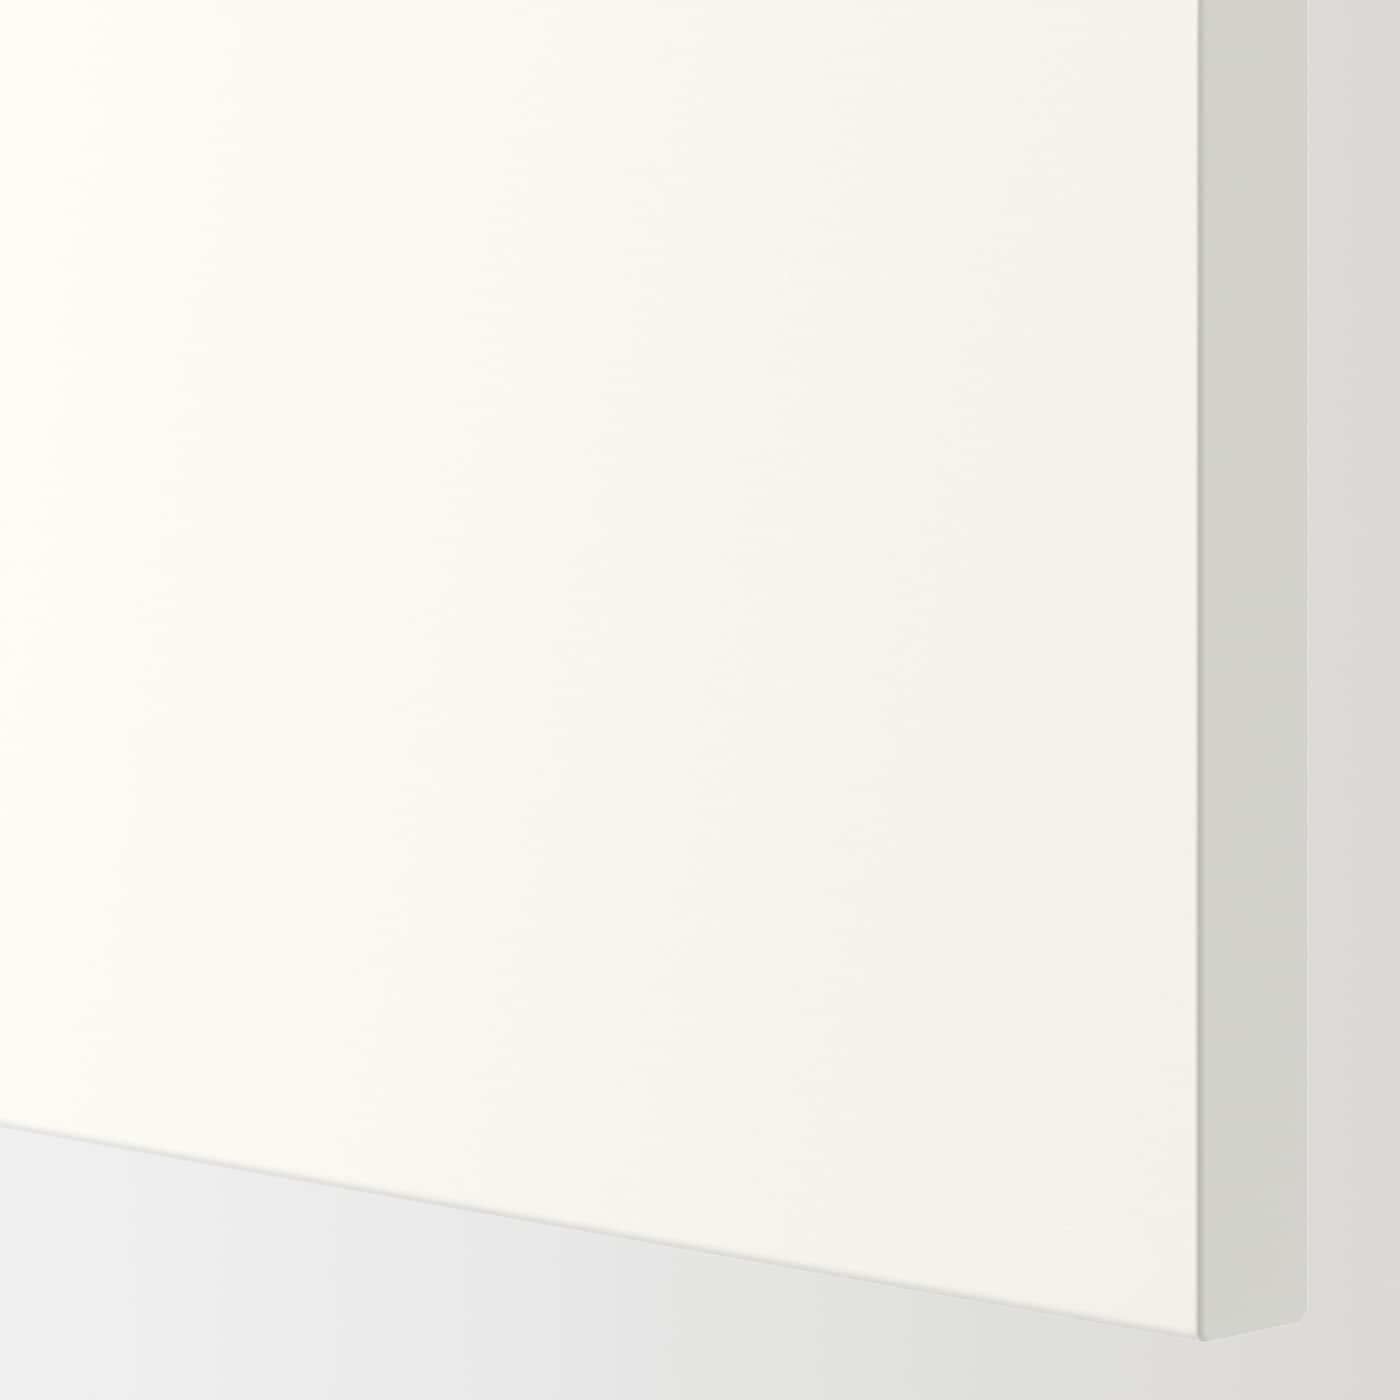 ENHET خزانة قاعدة مع 3 أدراج, أبيض, 80x62x75 سم